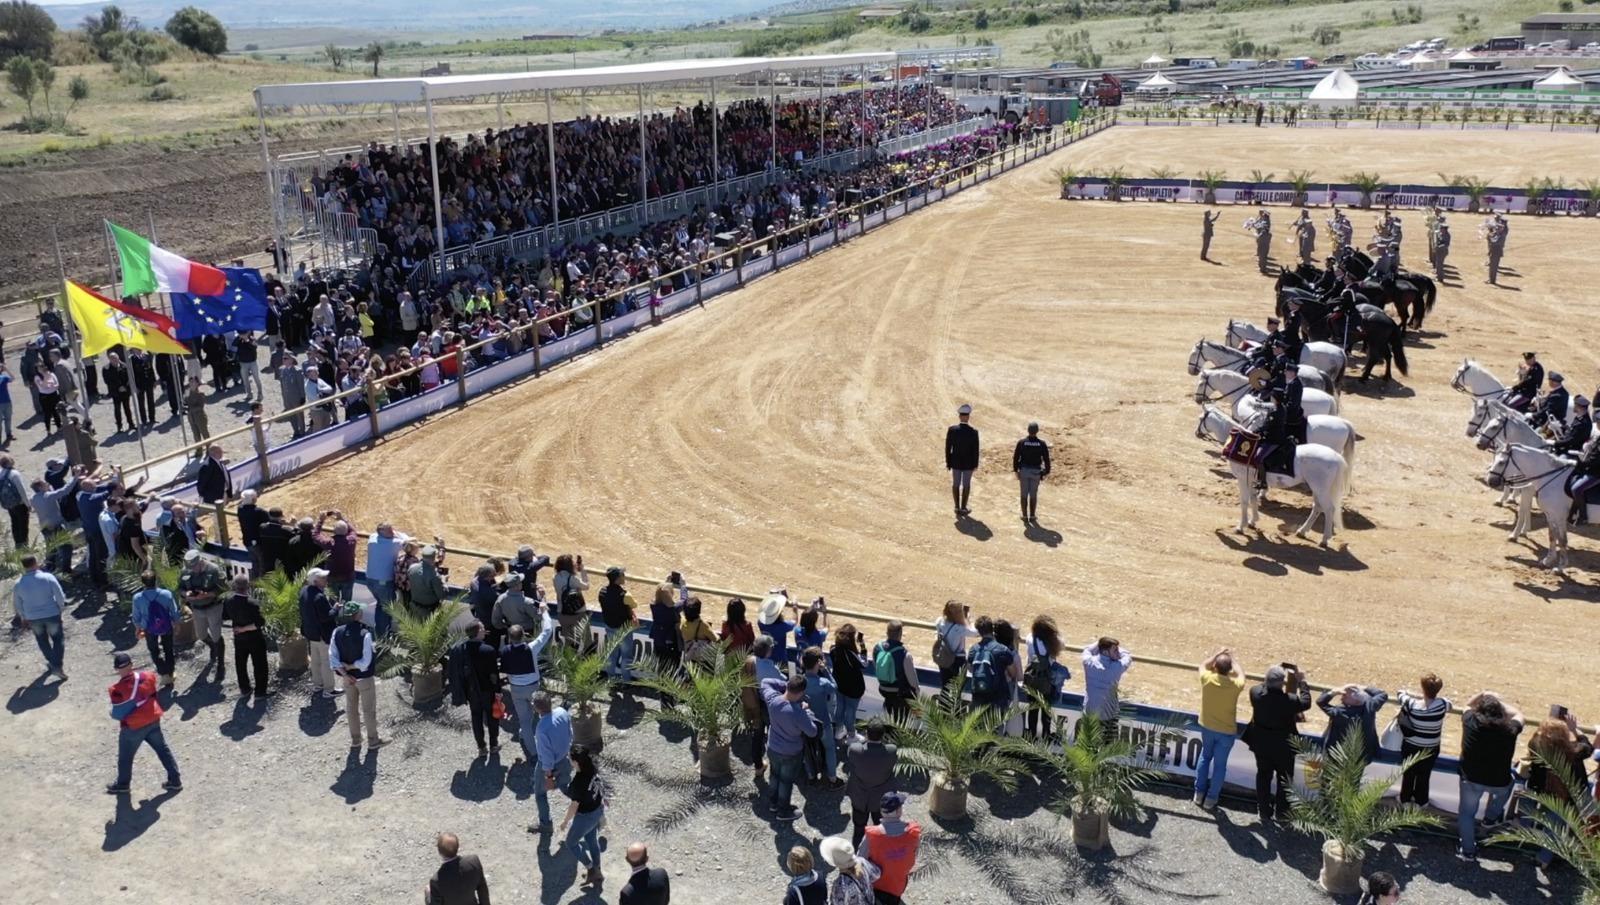 """Ambelia, terza edizione """"Fiera mediterranea del Cavallo"""": domani conferenza stampa di presentazione al PalaRegione di Catania"""